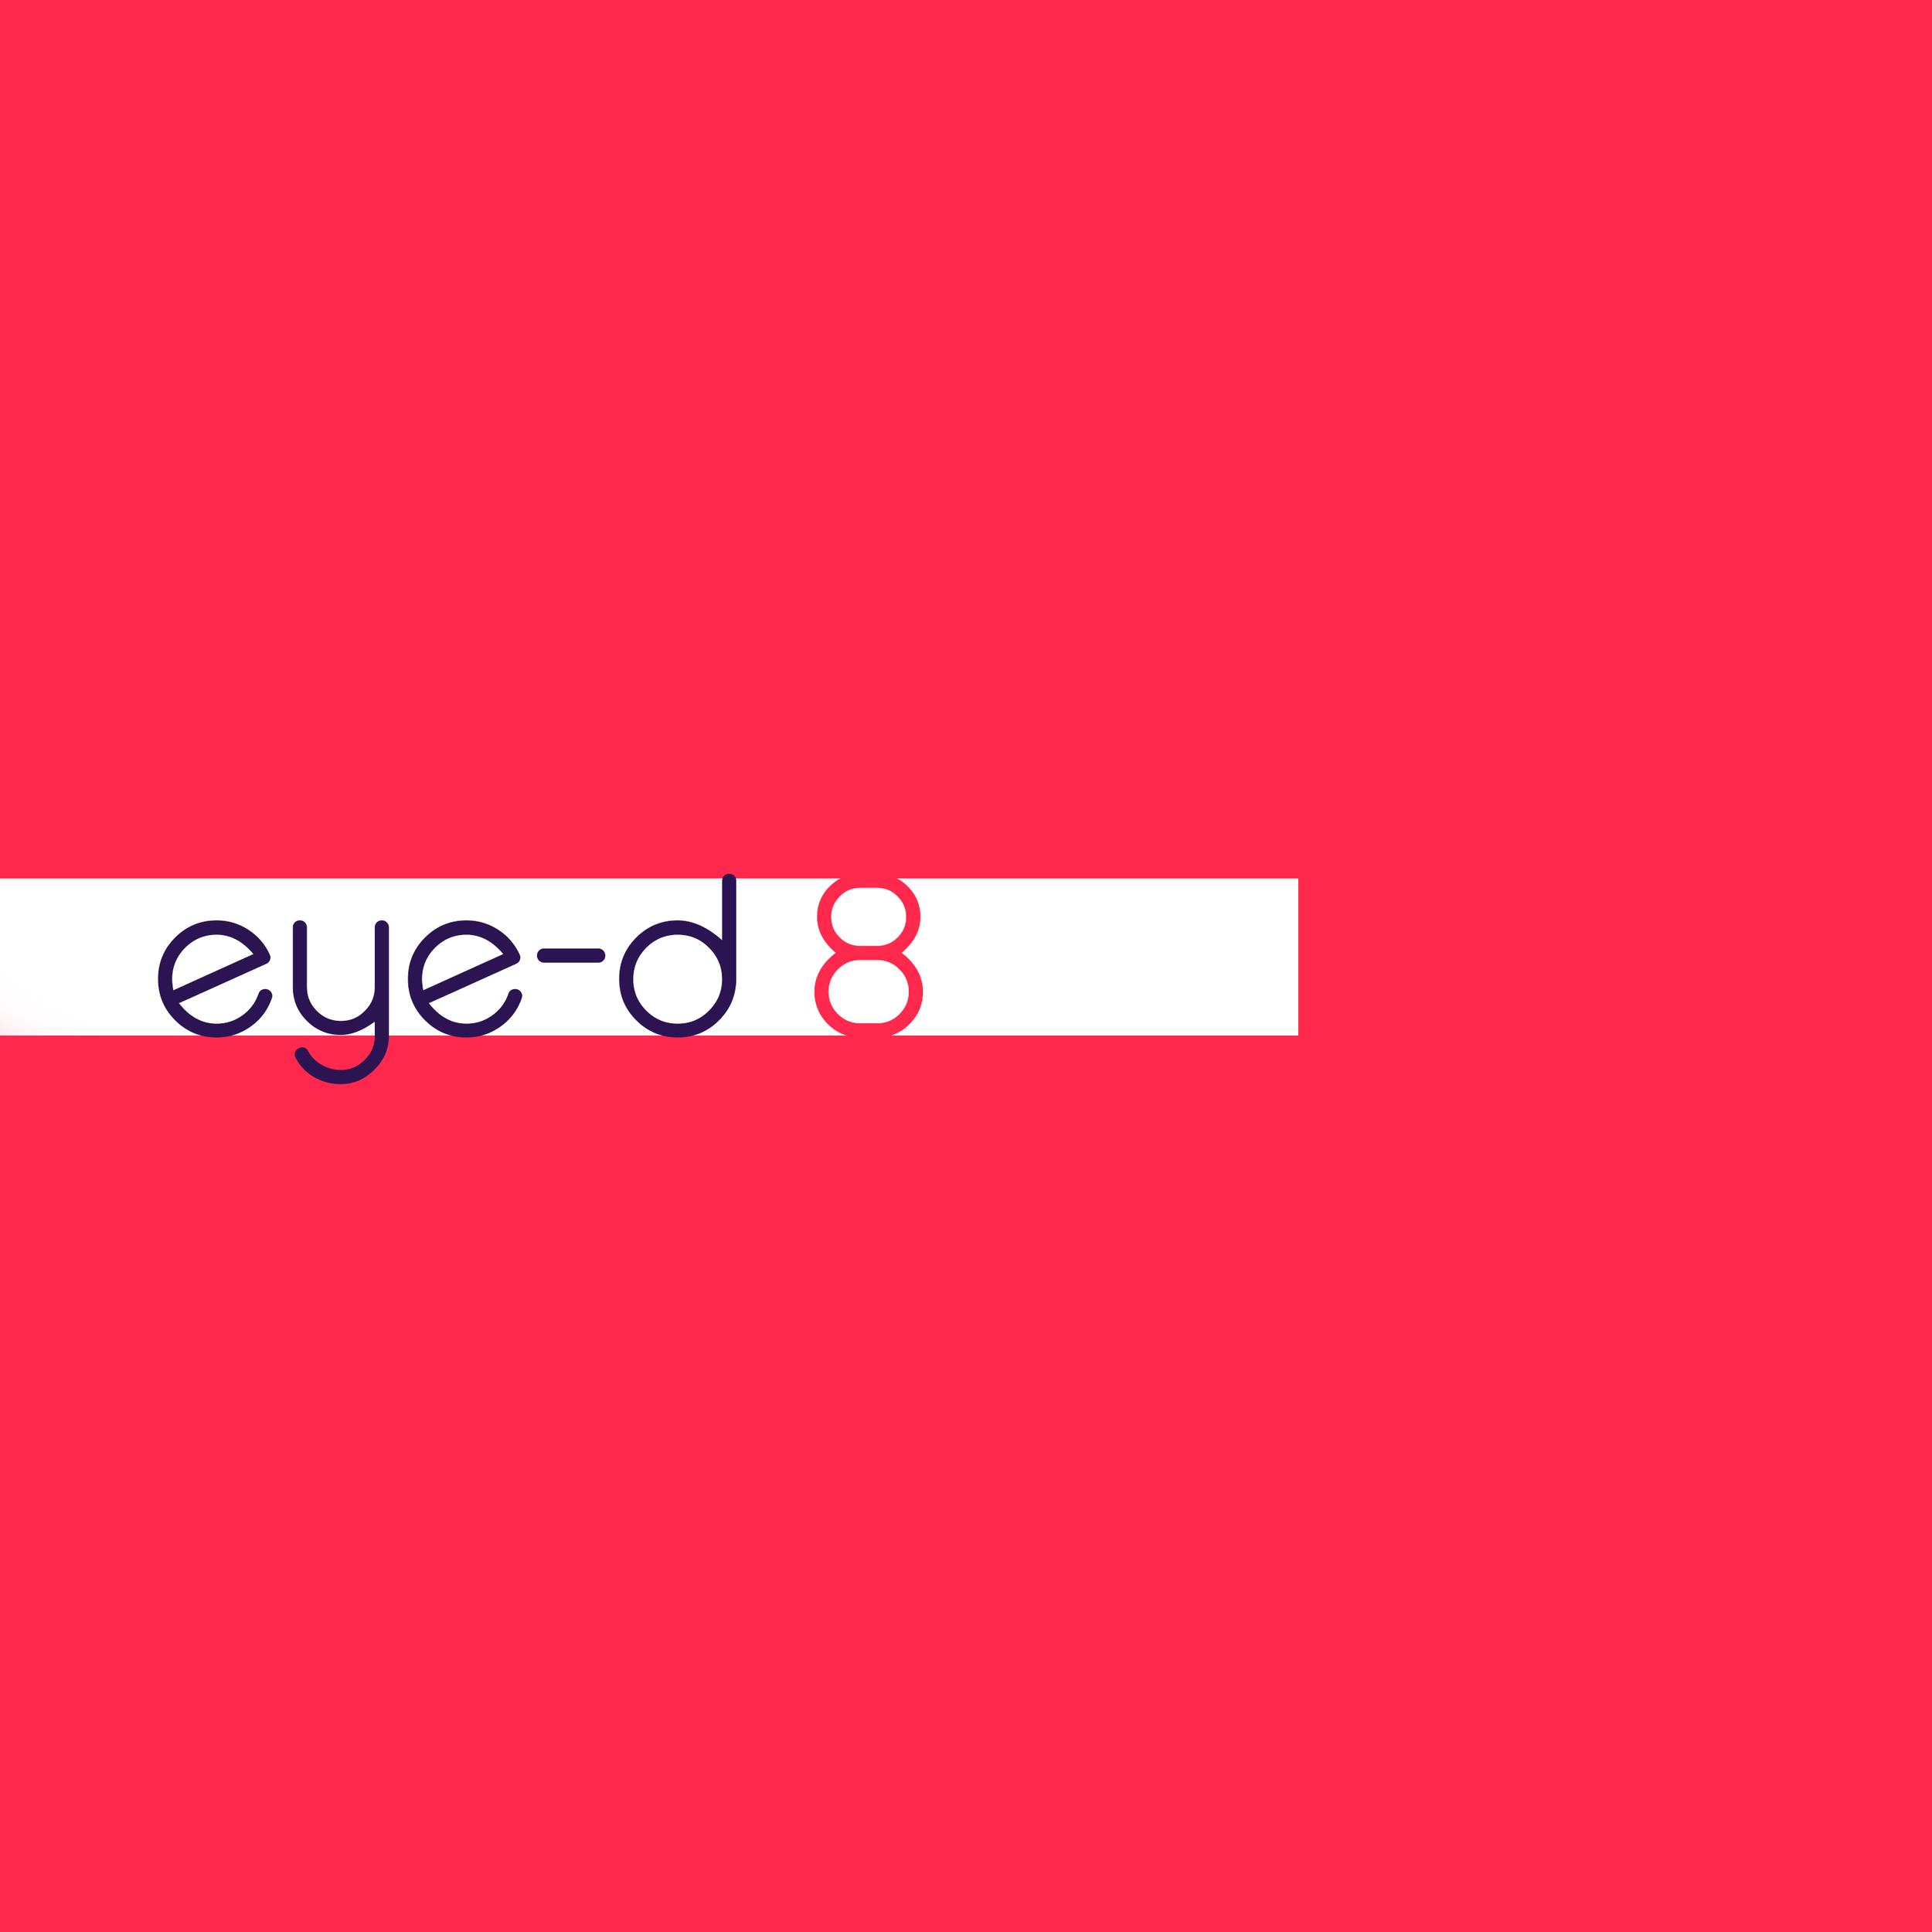 eyed8 logo.png